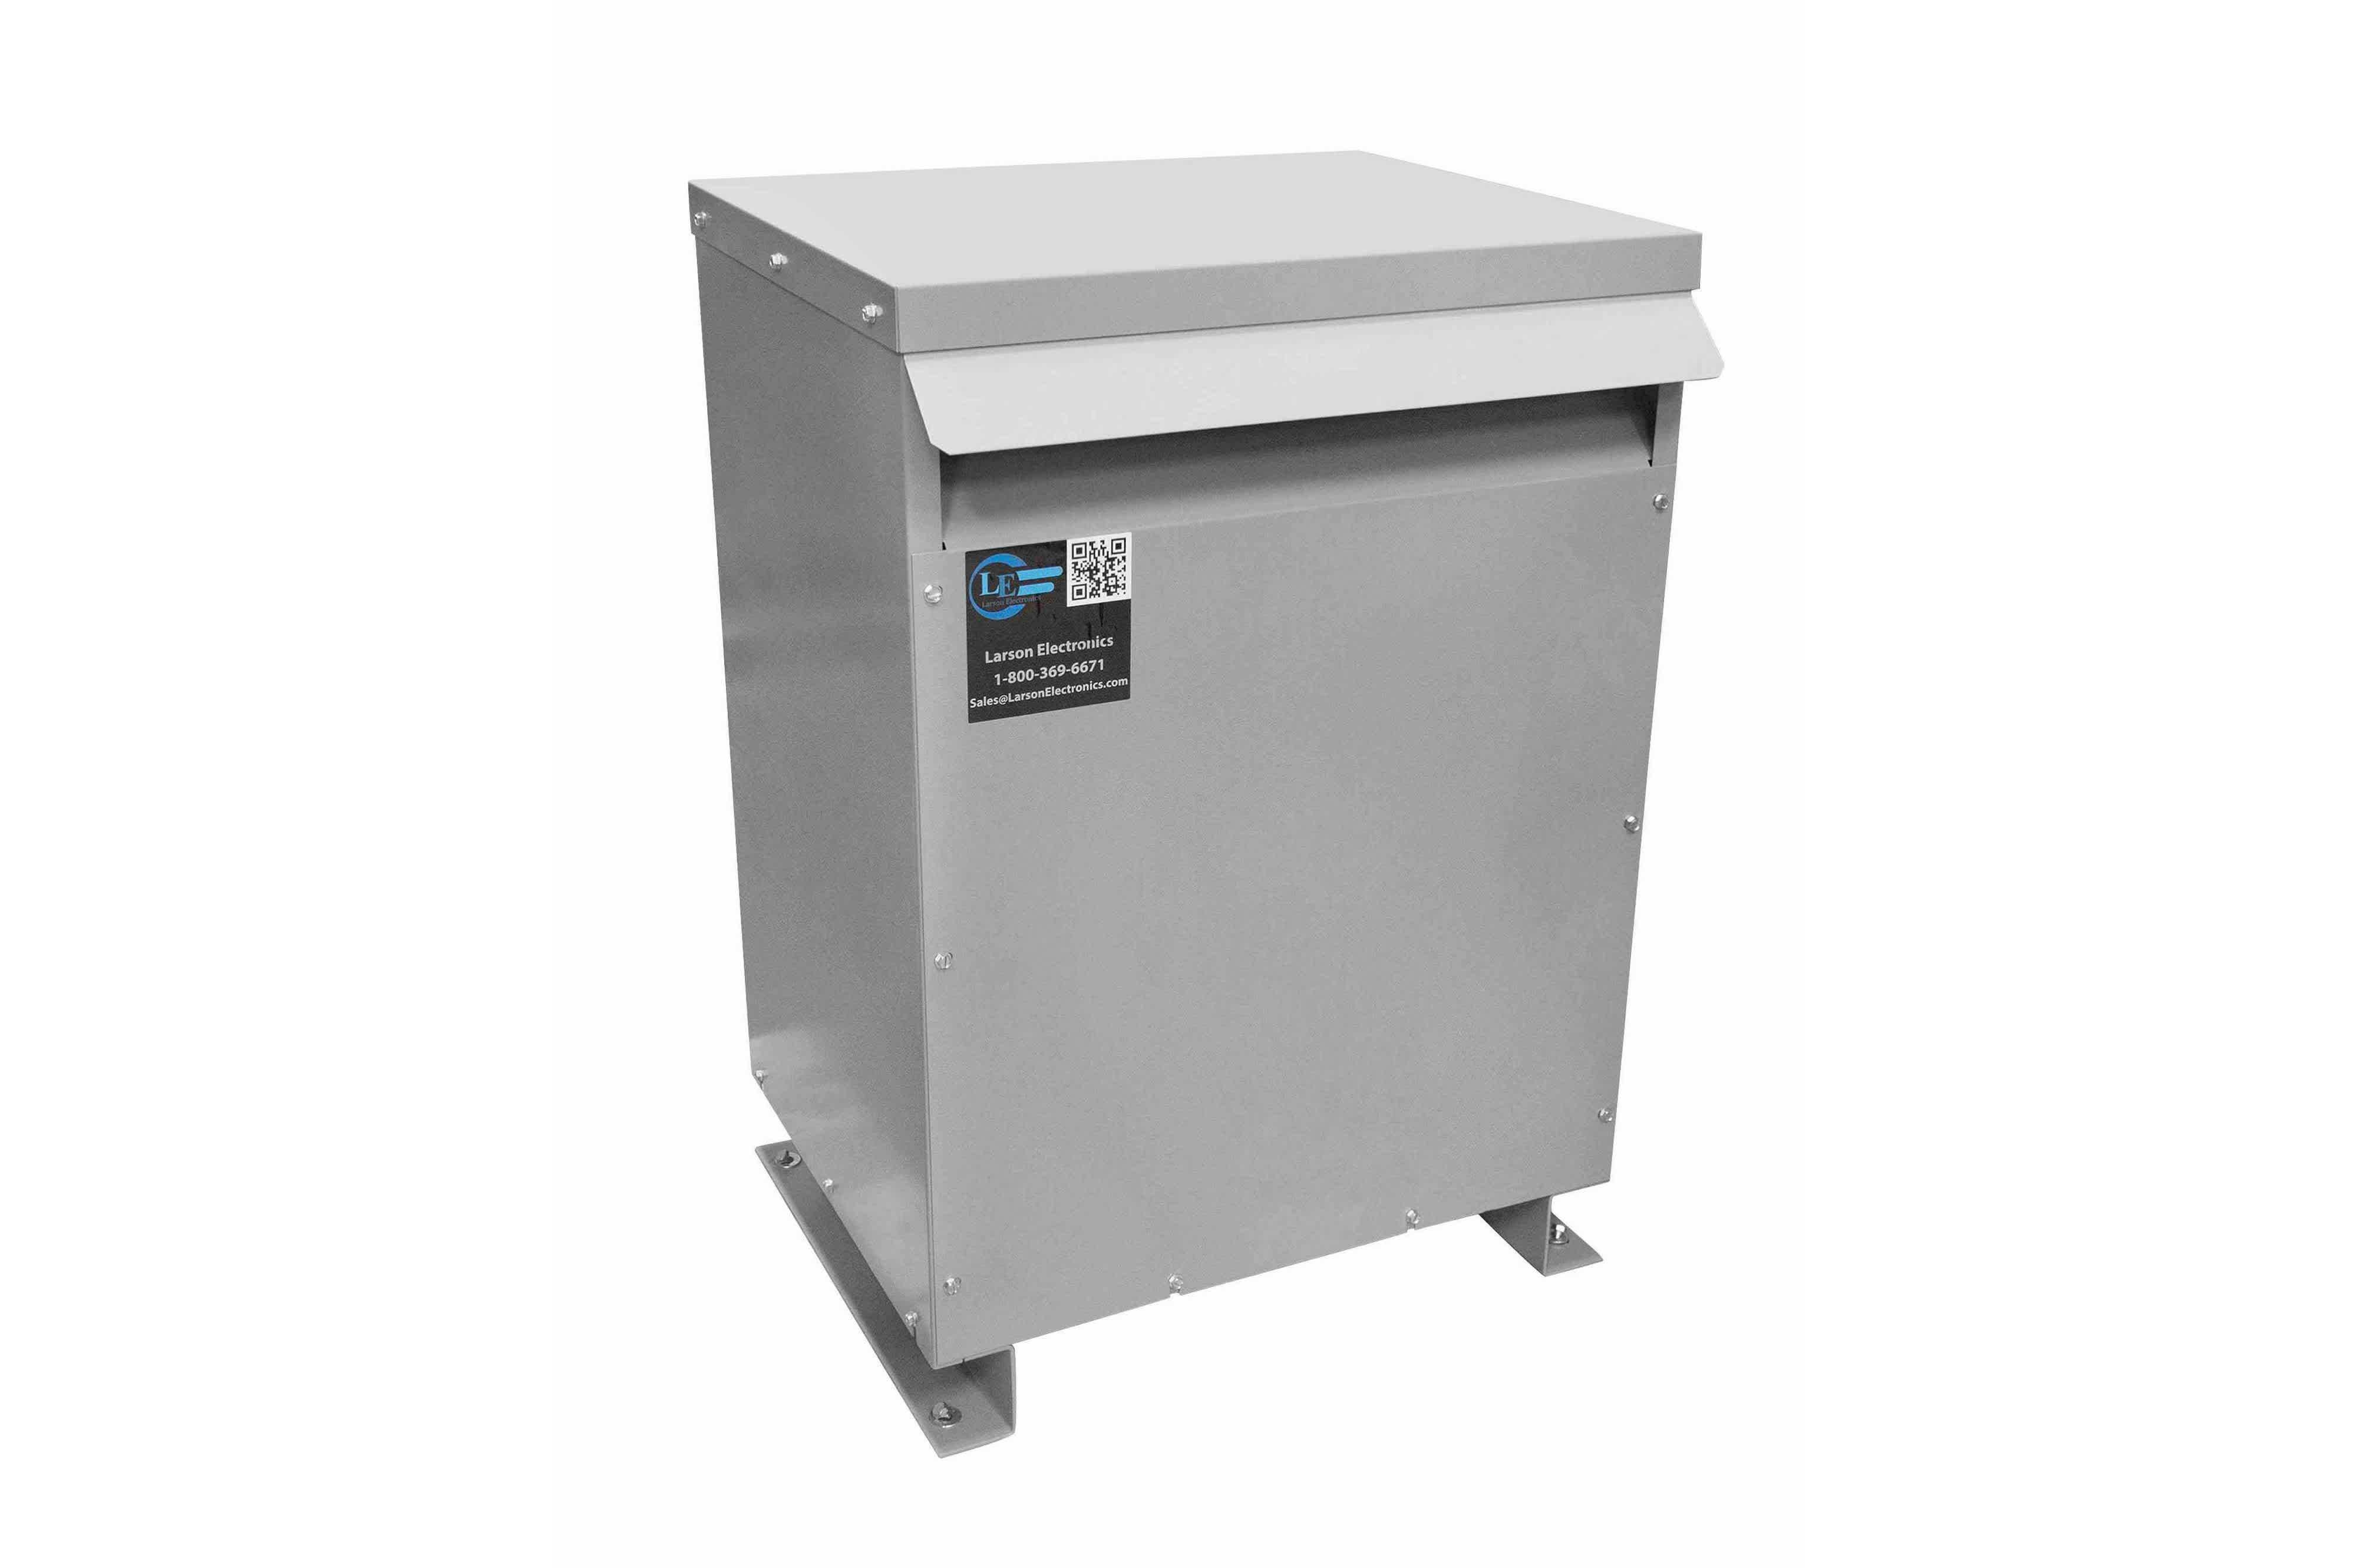 15 kVA 3PH Isolation Transformer, 480V Delta Primary, 400V Delta Secondary, N3R, Ventilated, 60 Hz